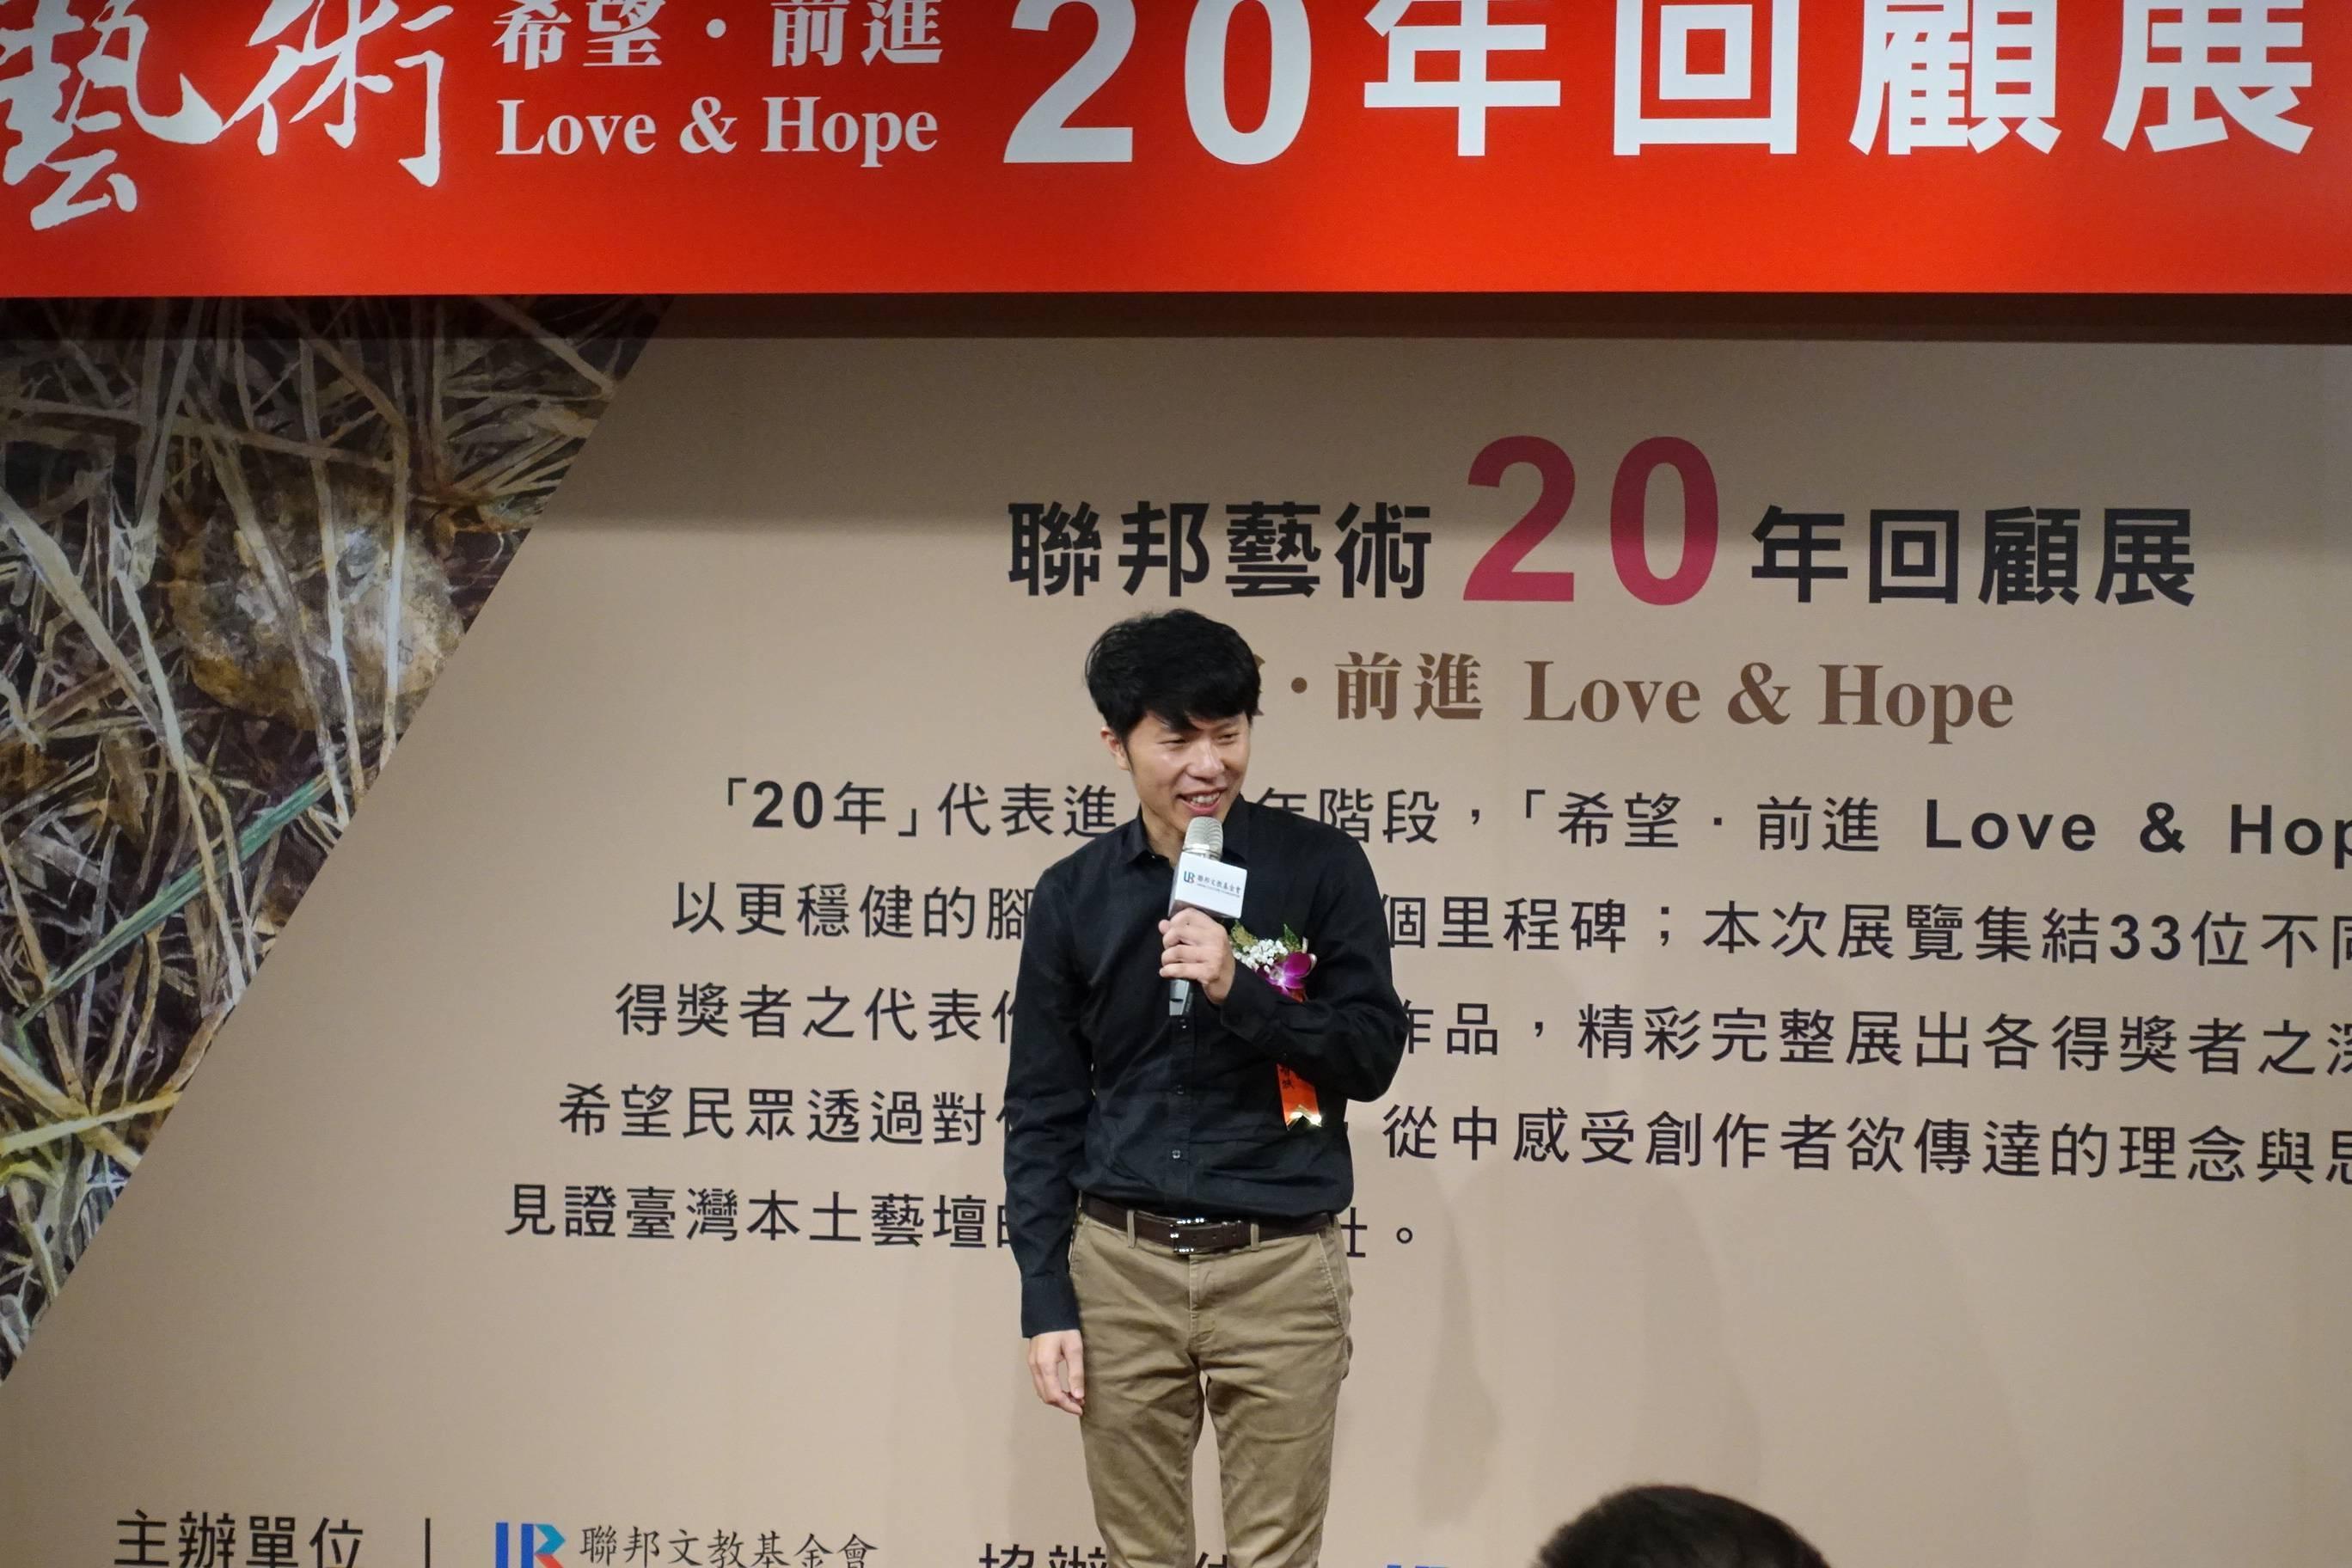 第4屆聯邦美術新人獎(首獎)-王智斌致詞。